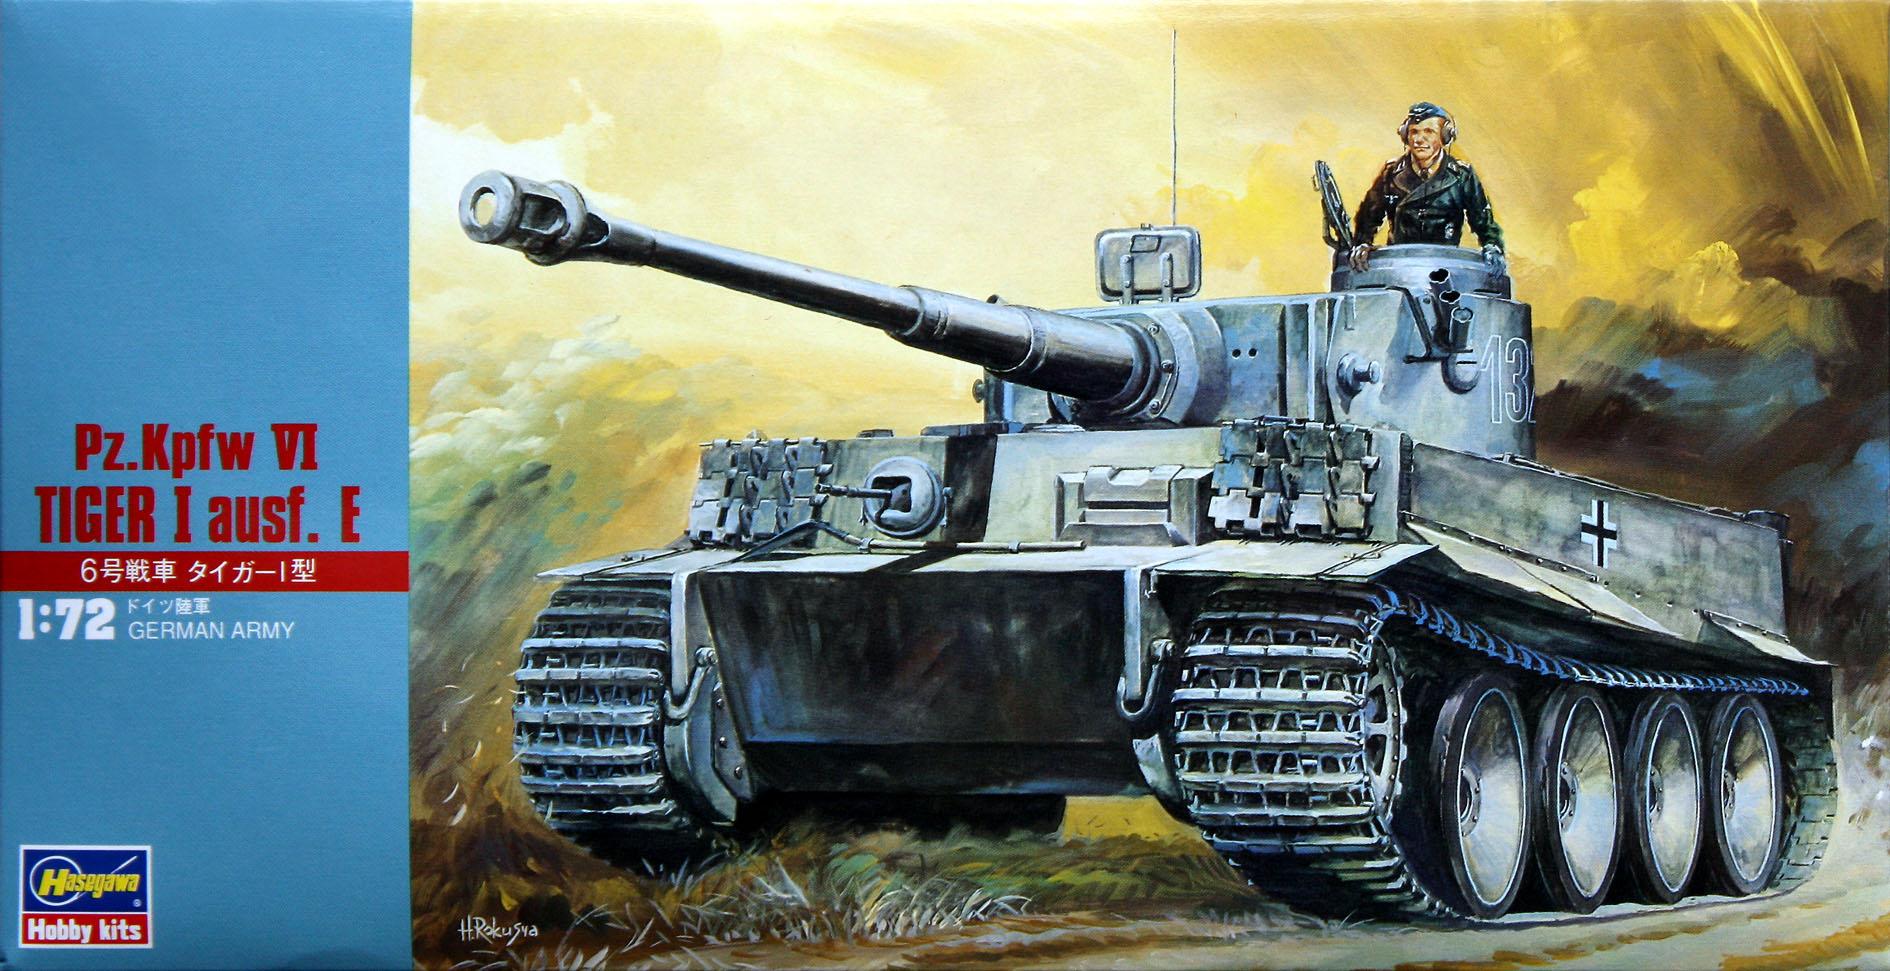 Hasegawa 1/72 Pz.Kpfw VI Tiger Ausf.E